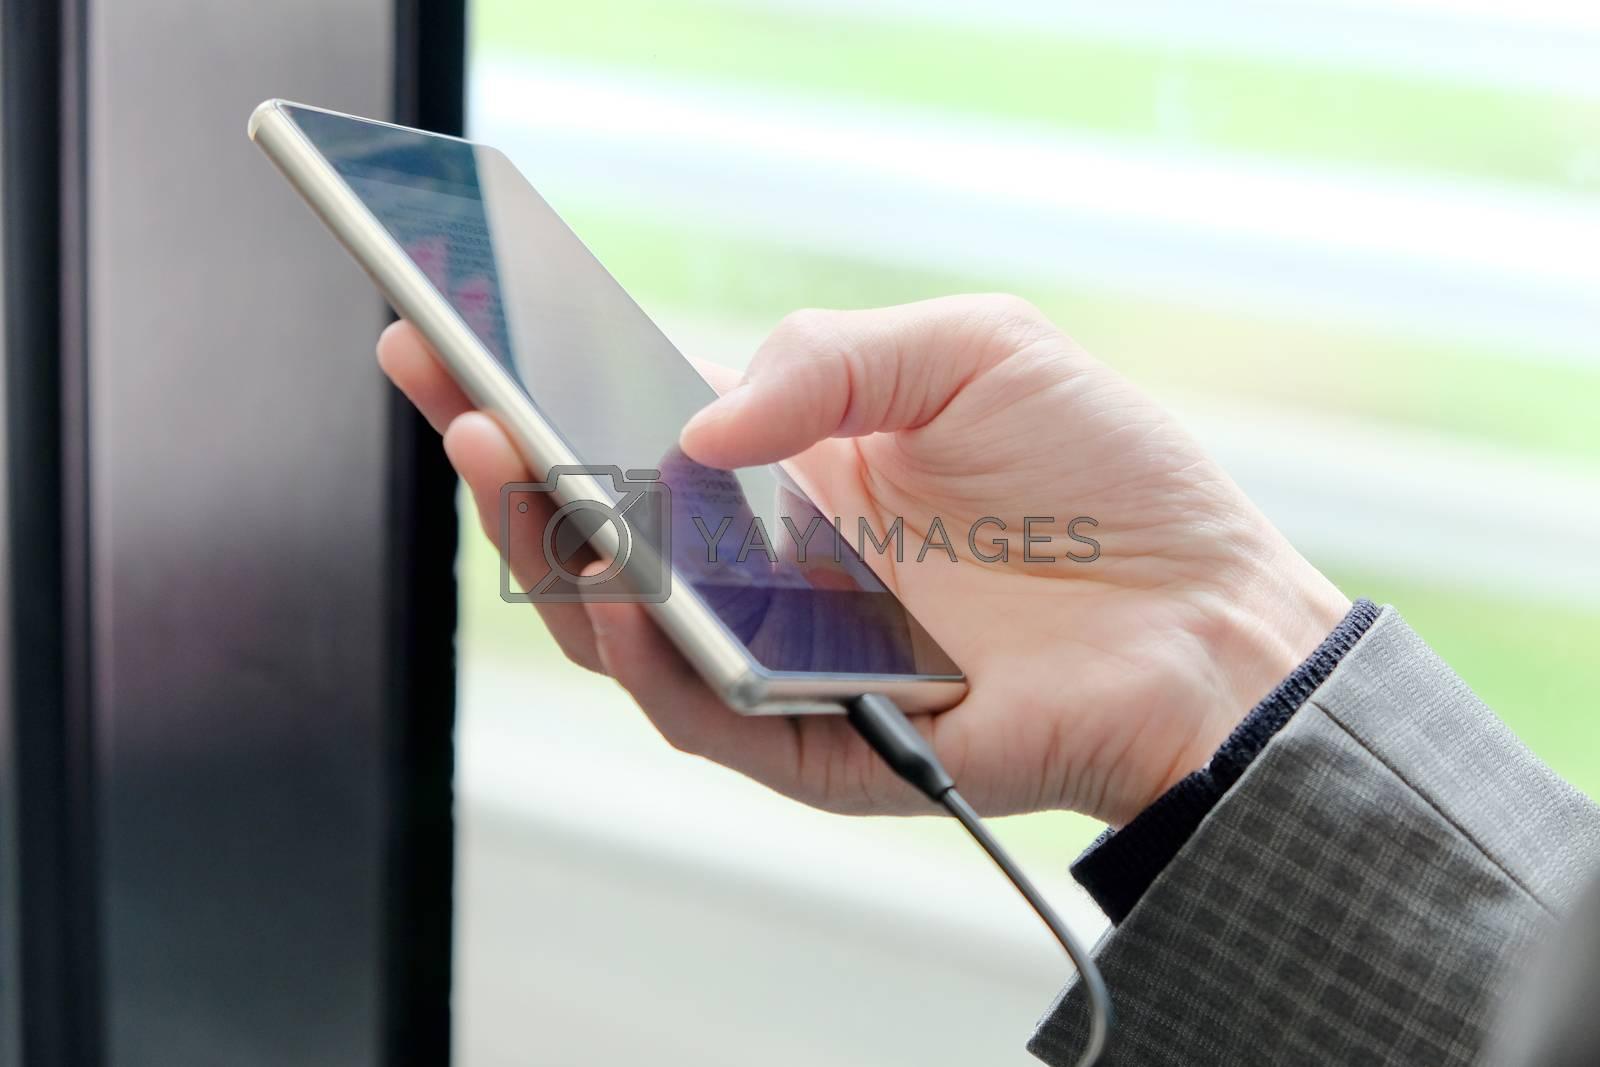 Communication technology by ponsulak